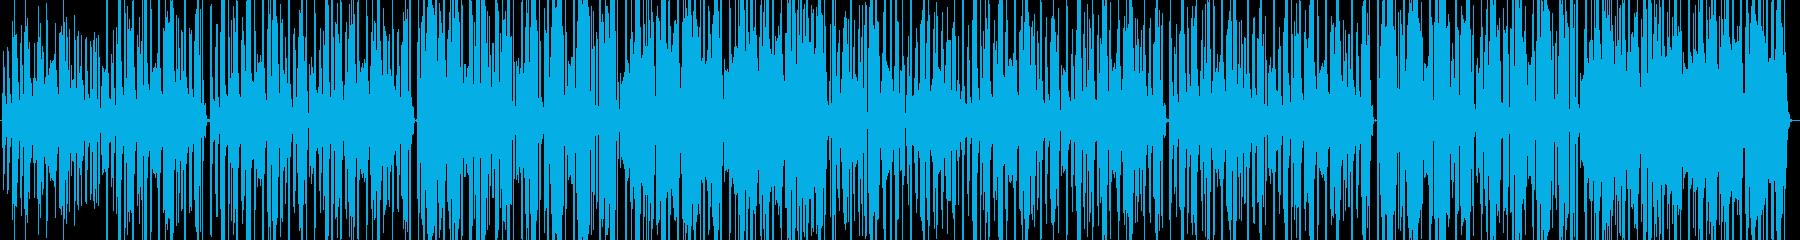 フューチャーサイエンスな雰囲気のテクノの再生済みの波形